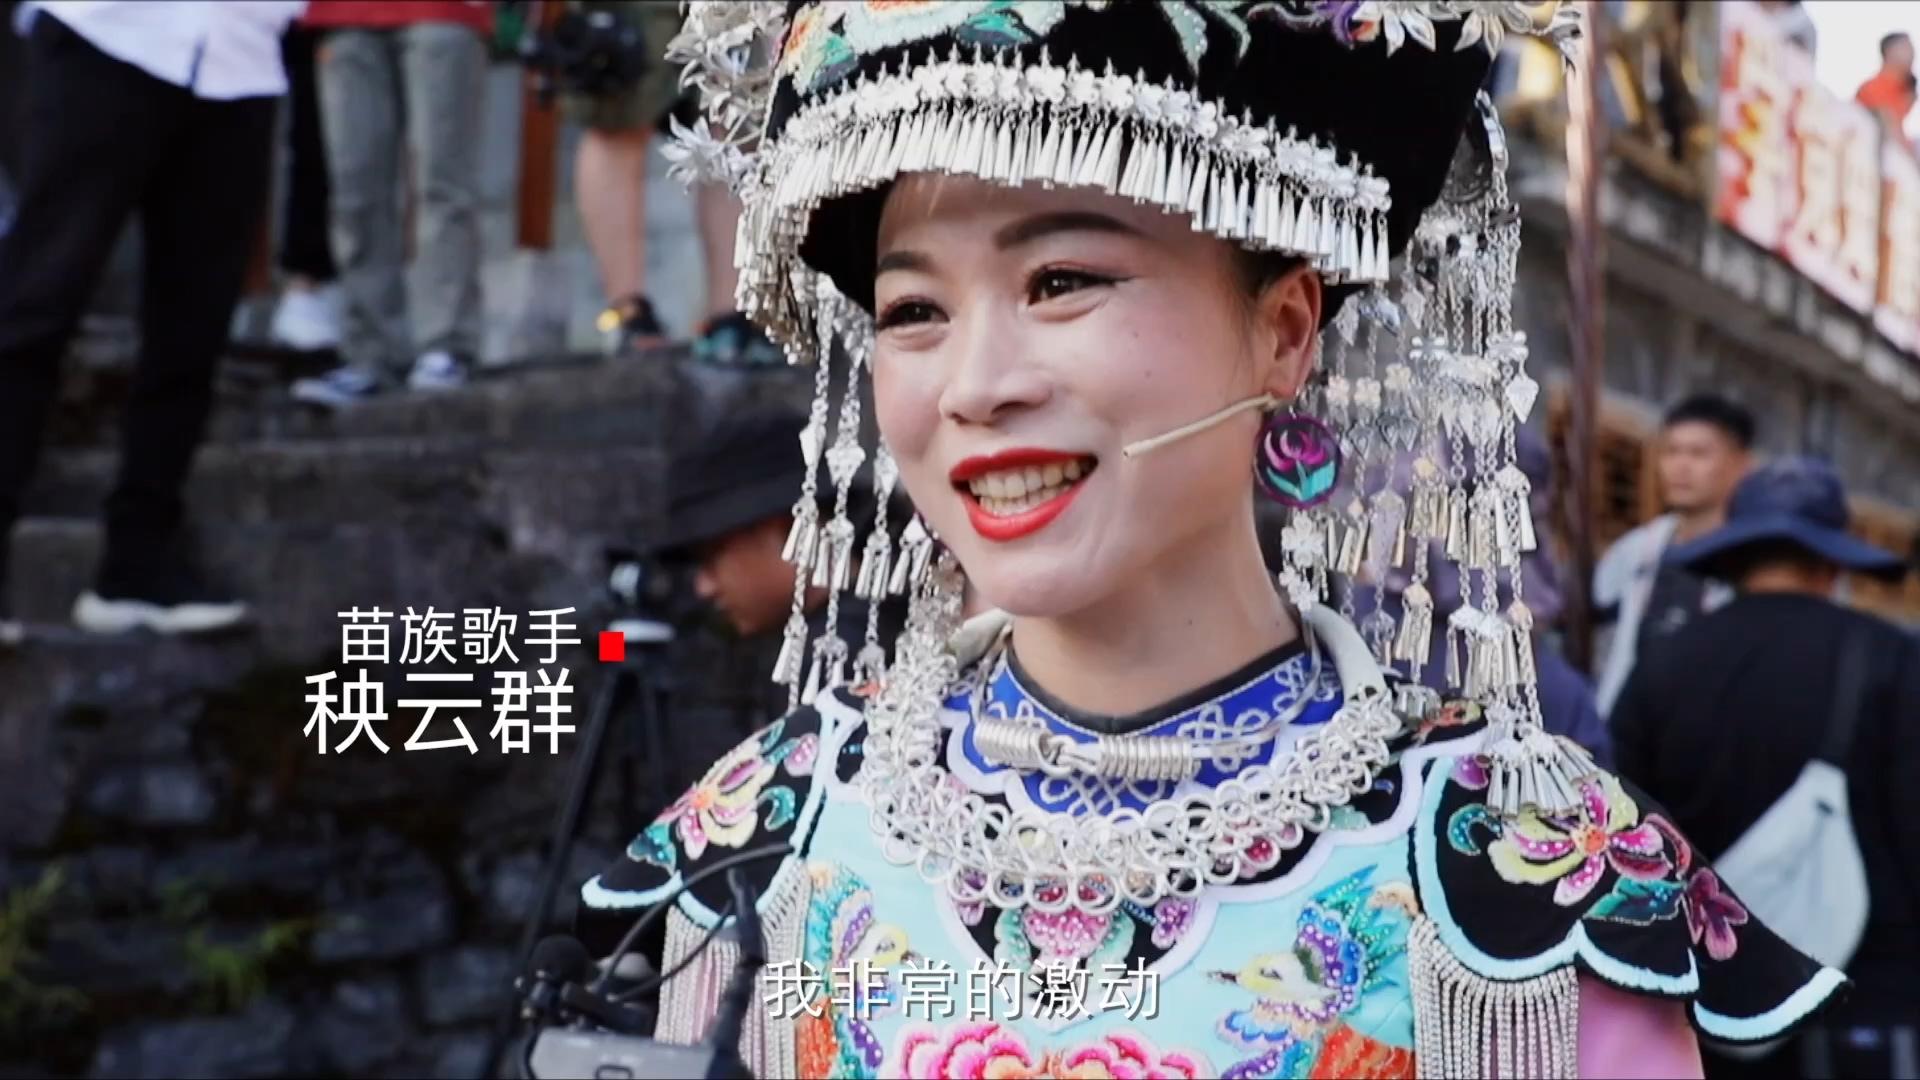 庆祝中国共产党成立100周年--《唱支山歌给党听》主题快闪走进十八洞村